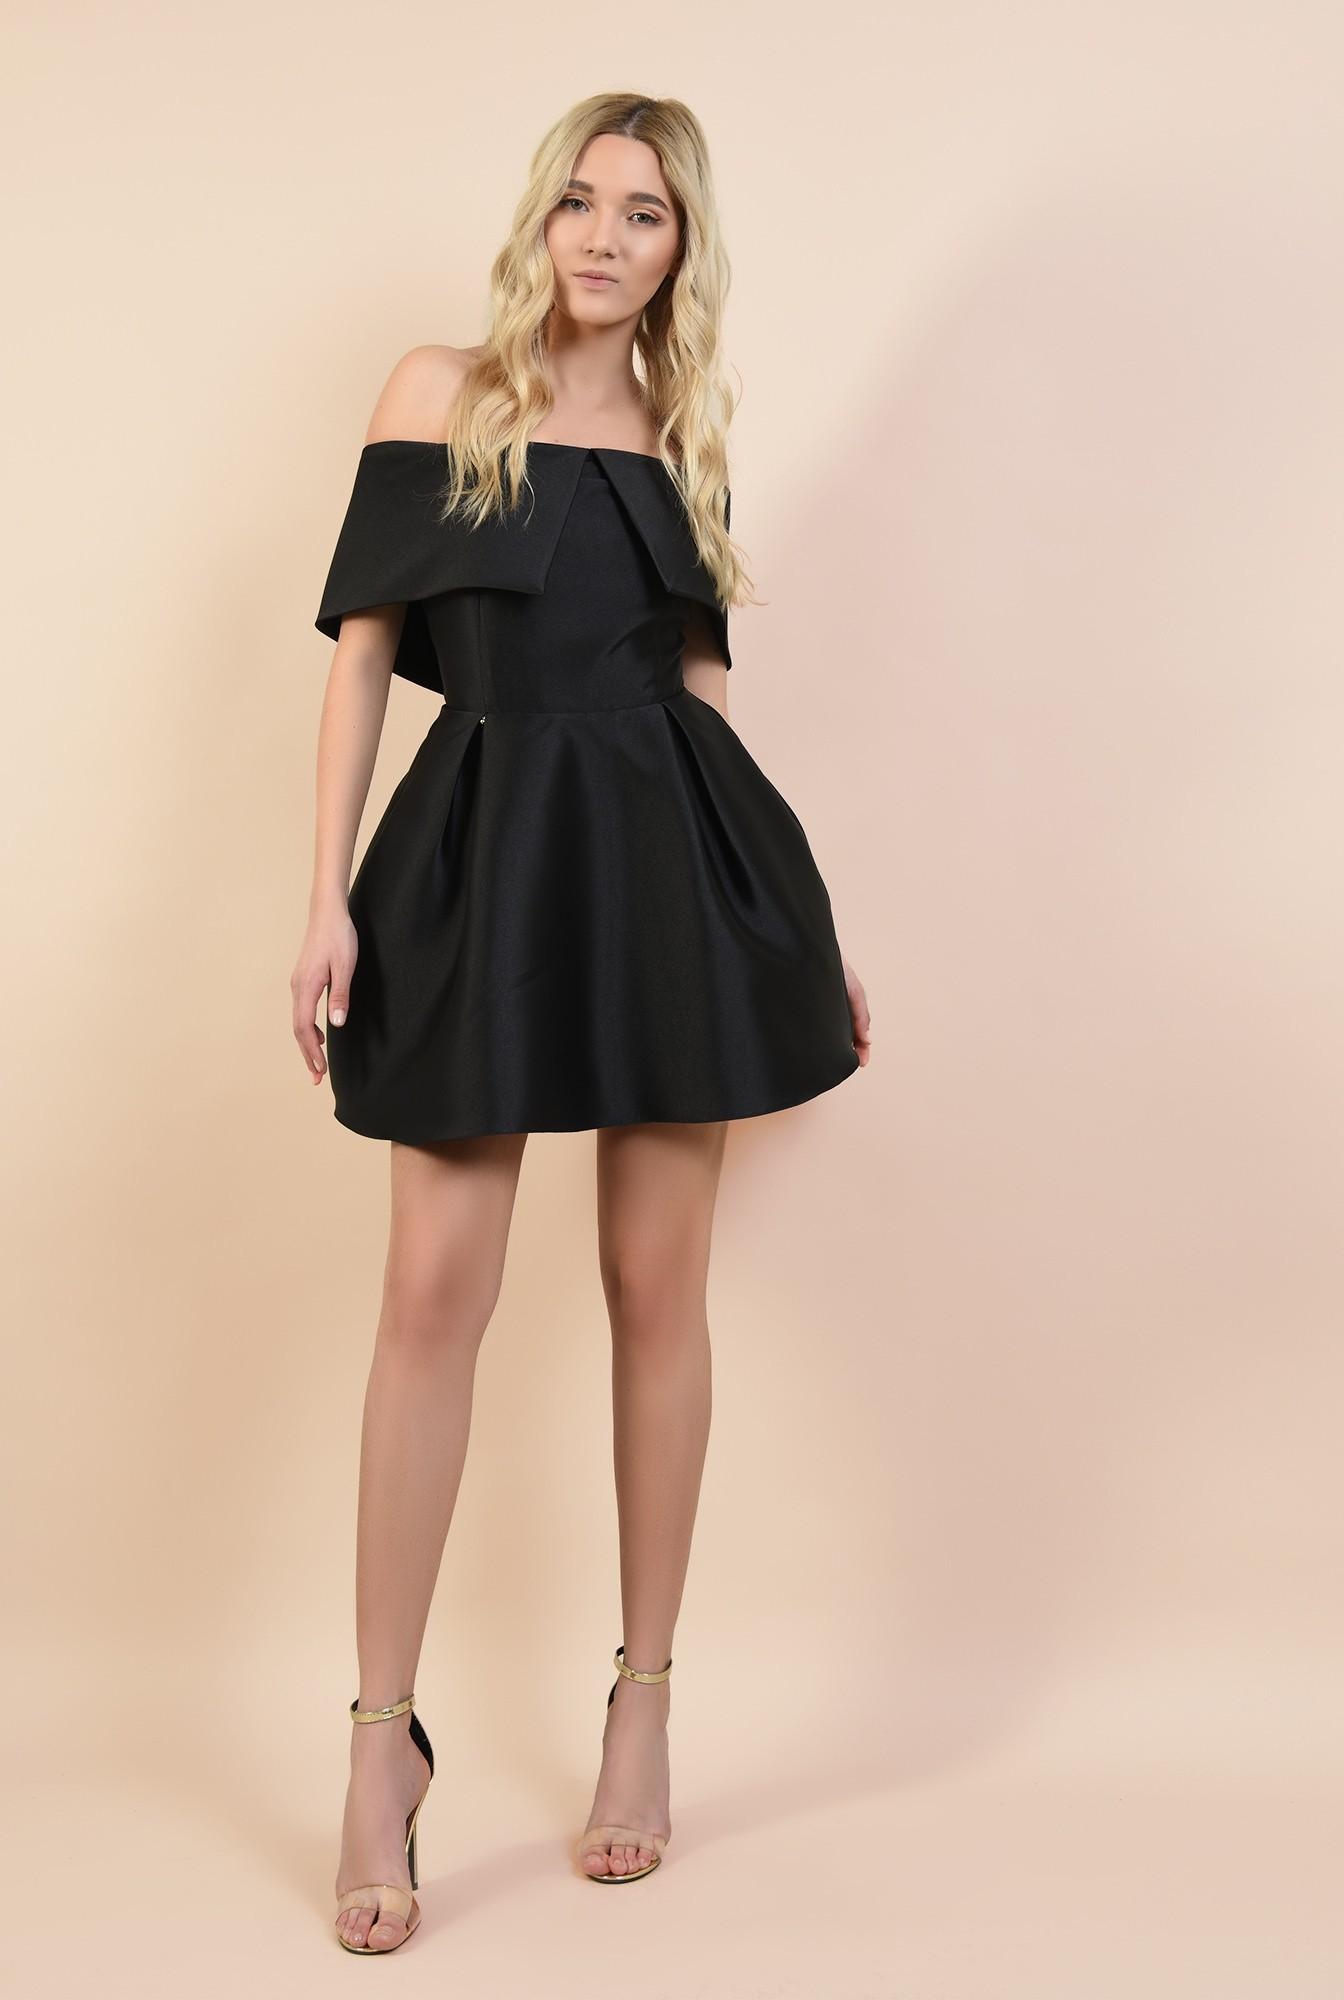 0 - rochie mini, din tafta, de seara, cu pliuri decorative